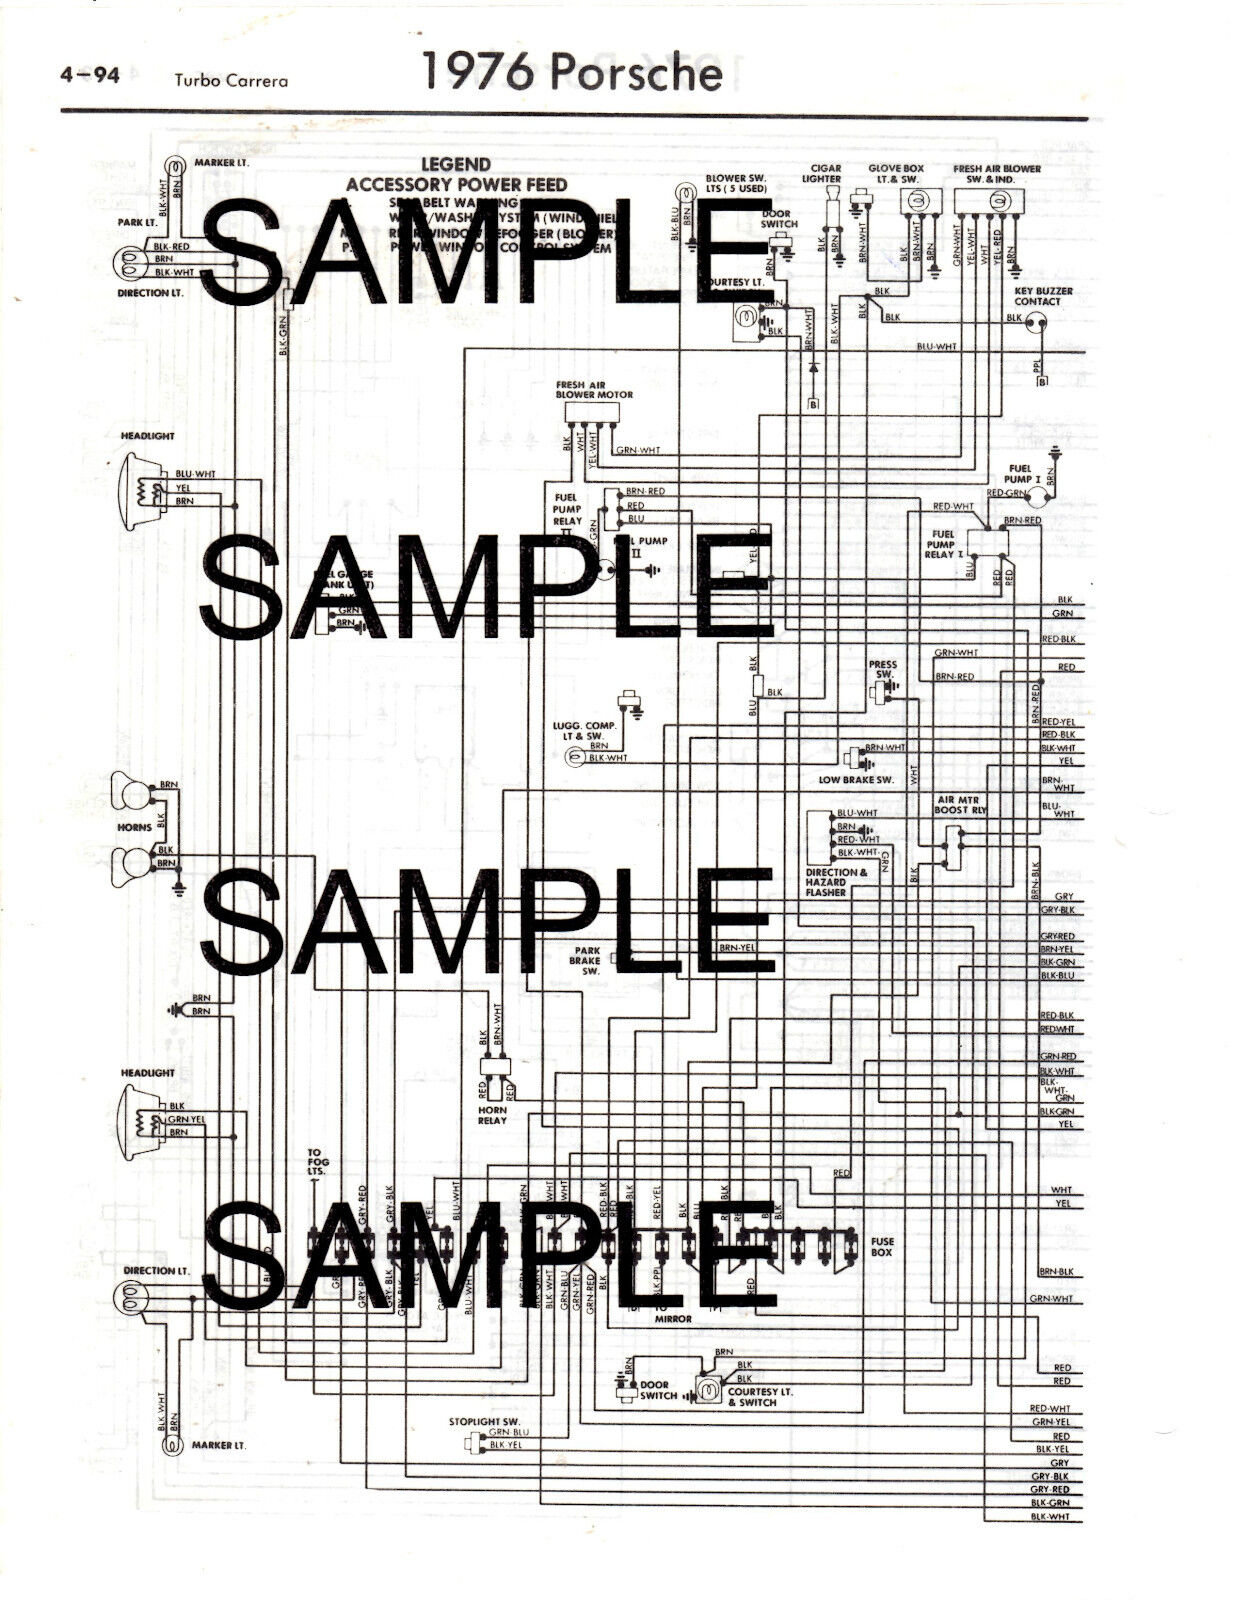 fiat doblo wiring diagram fiat image wiring diagram fiat doblo wiring diagram wiring diagram and hernes on fiat doblo wiring diagram